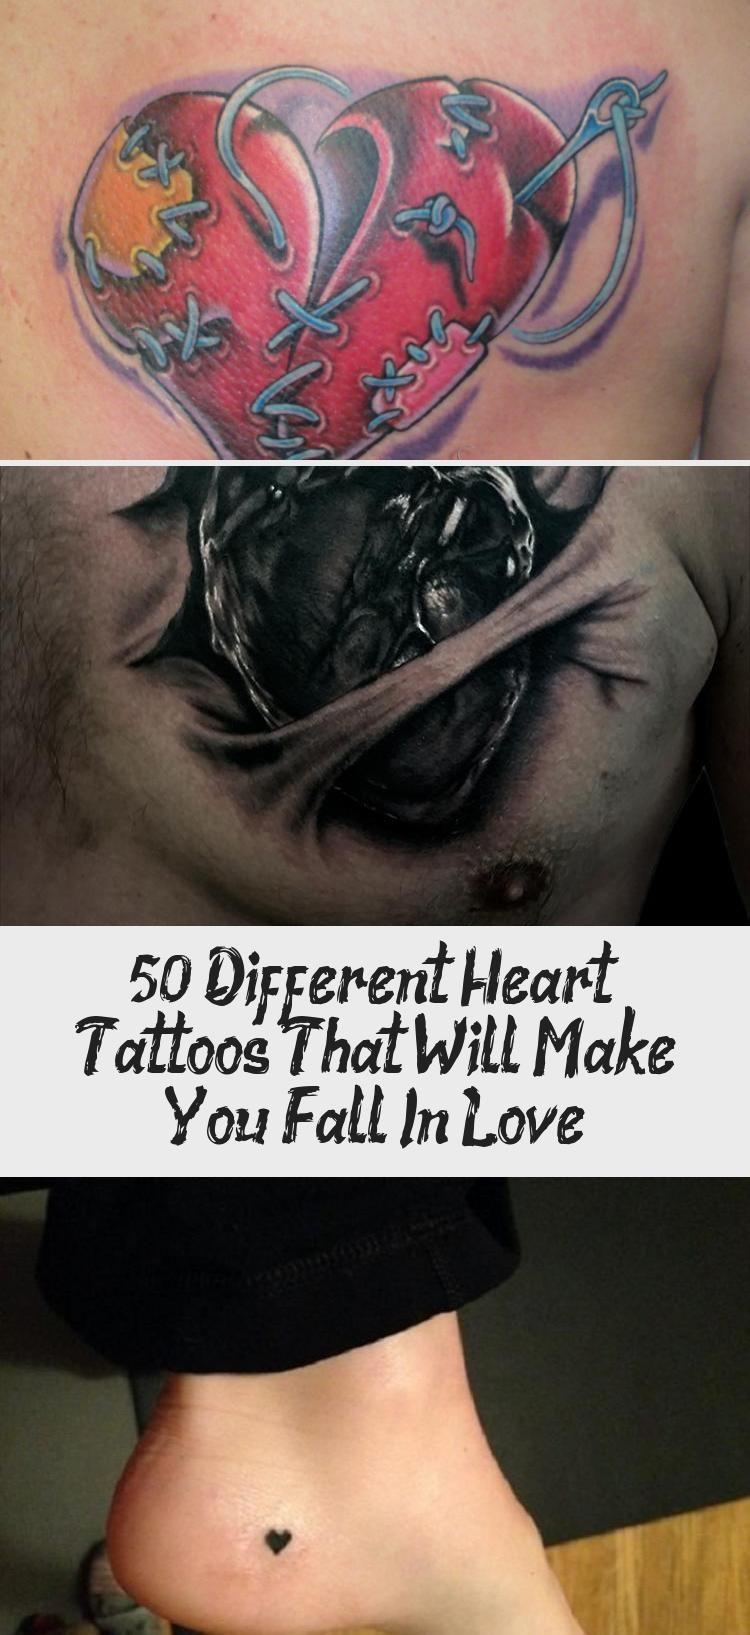 Celtic Heart Tattoo Simplehearttattoo Hearttattoowithinitials Hearttattoowithwords Mexicanhearttattoo Hearttattoo In 2020 Heart Tattoo Celtic Heart Tattoo Tattoos